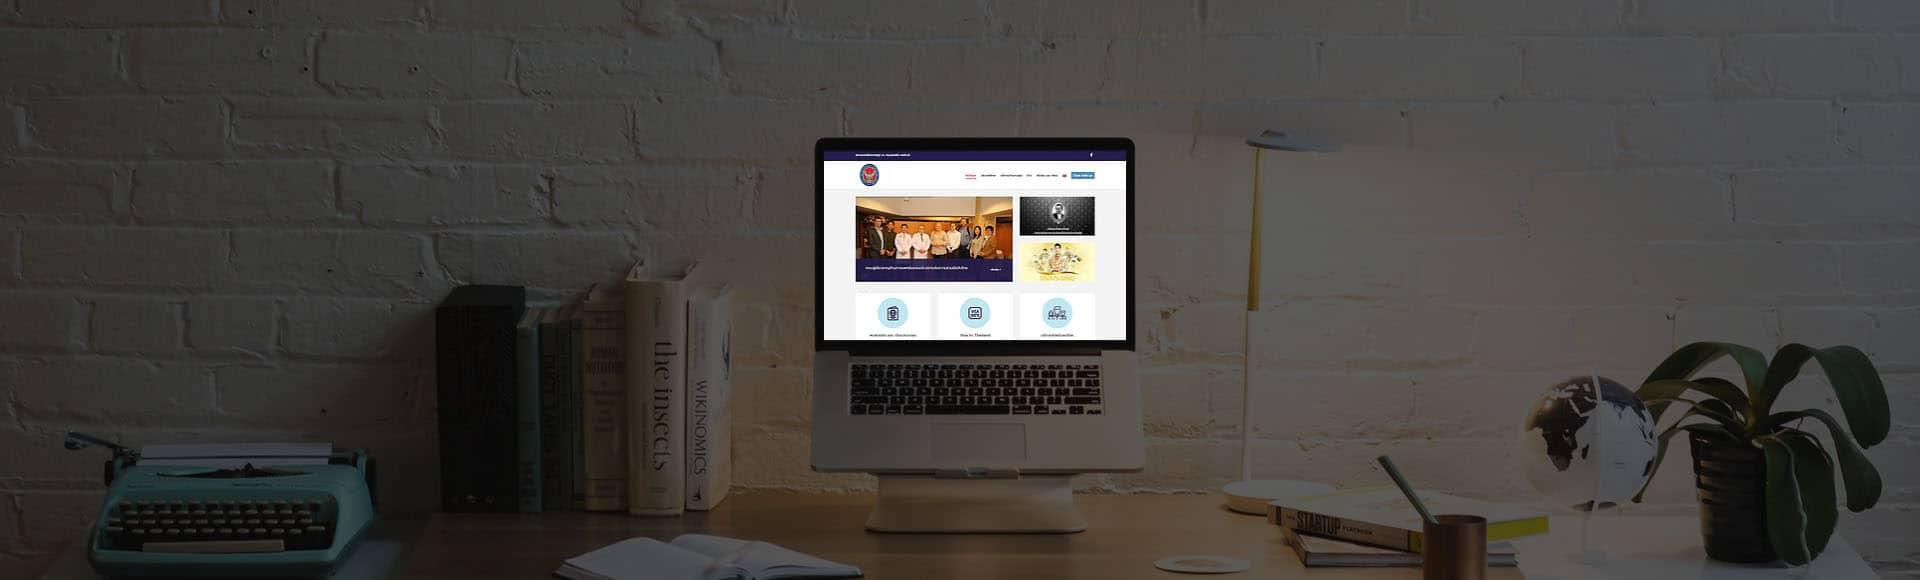 เว็บไซต์หน่วยงาน สถานเอกอัครราชทูต | รับทำเว็บไซต์หน่วยงานราชการ